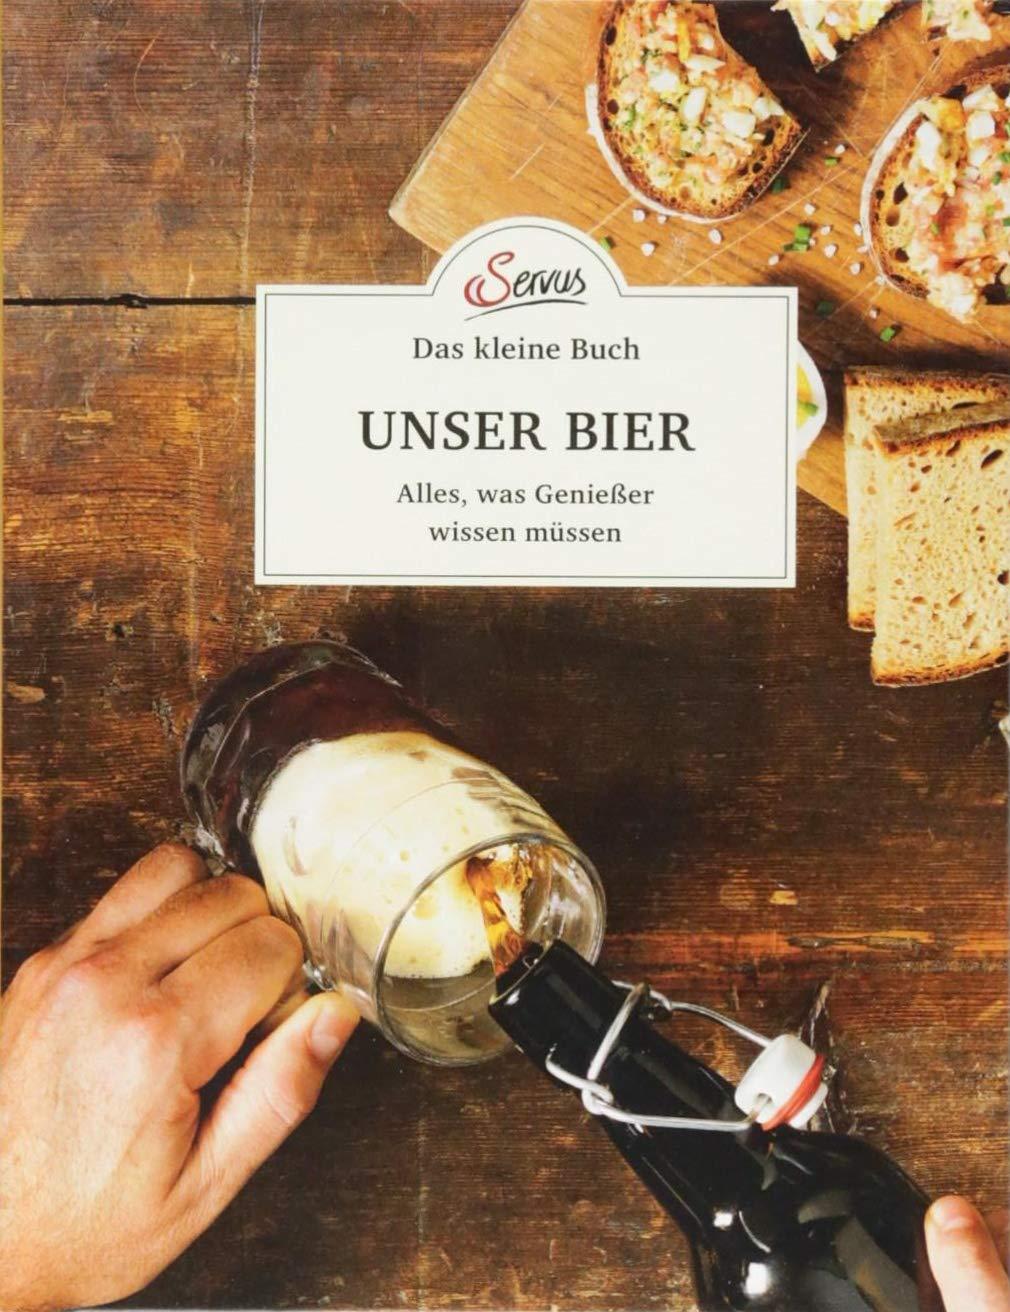 Das kleine Buch: Unser Bier: Alles was Genießer wissen müssen